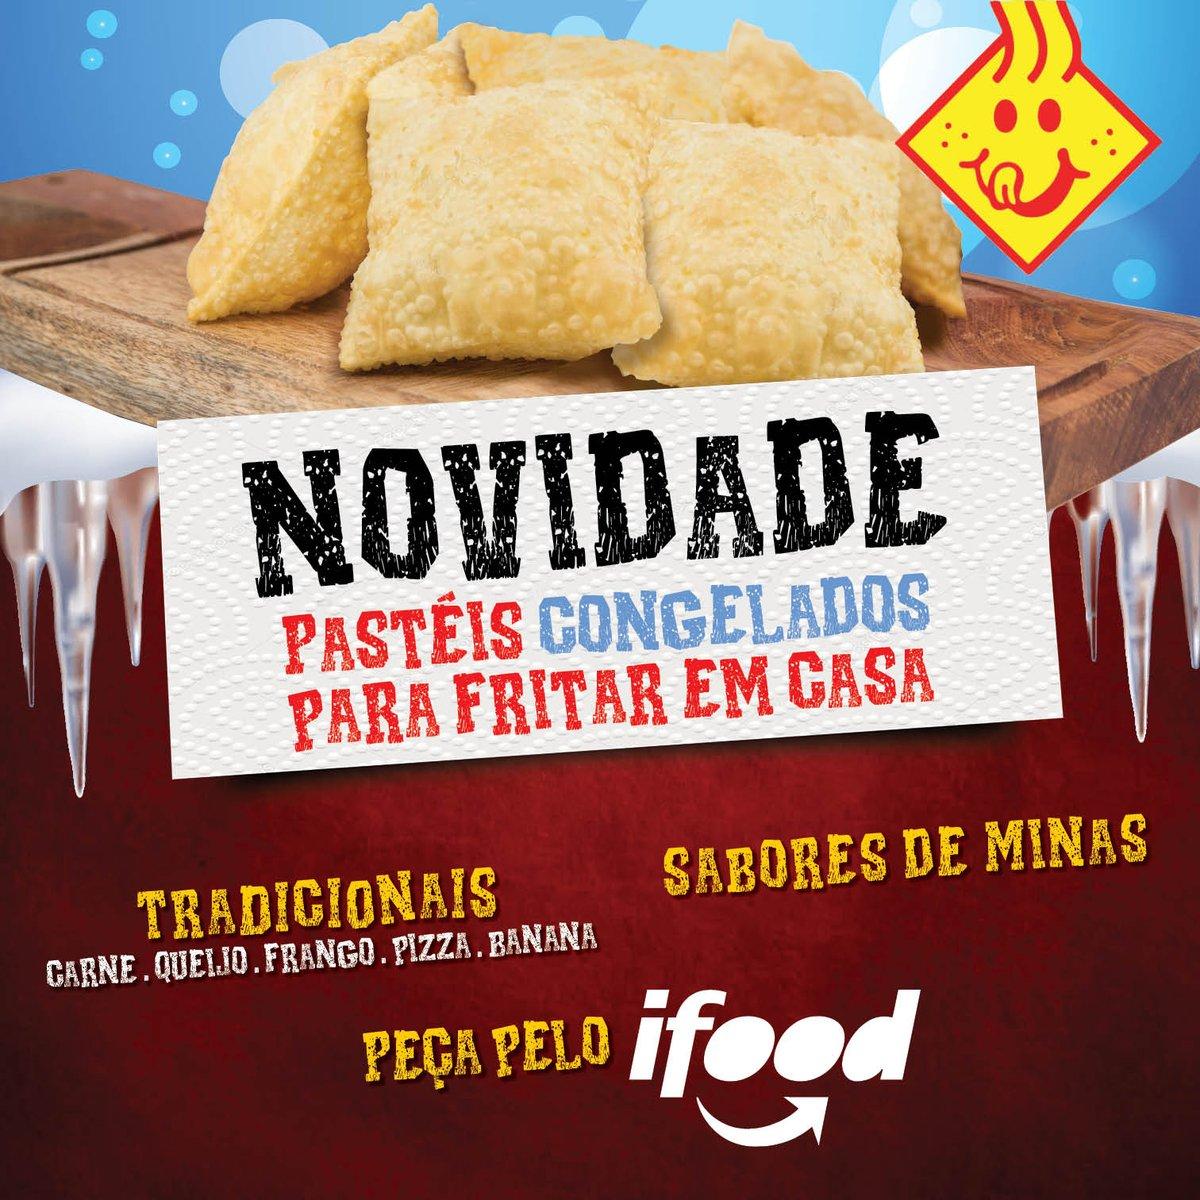 Deliciosa NOVIDADE! Peça pelo IFOOD os sabores da Pastelândia congelados para fritar em casa quando quiser. #pastelandia #pastel #congelados #delivery #ifoodpic.twitter.com/jQwXkCI2HR